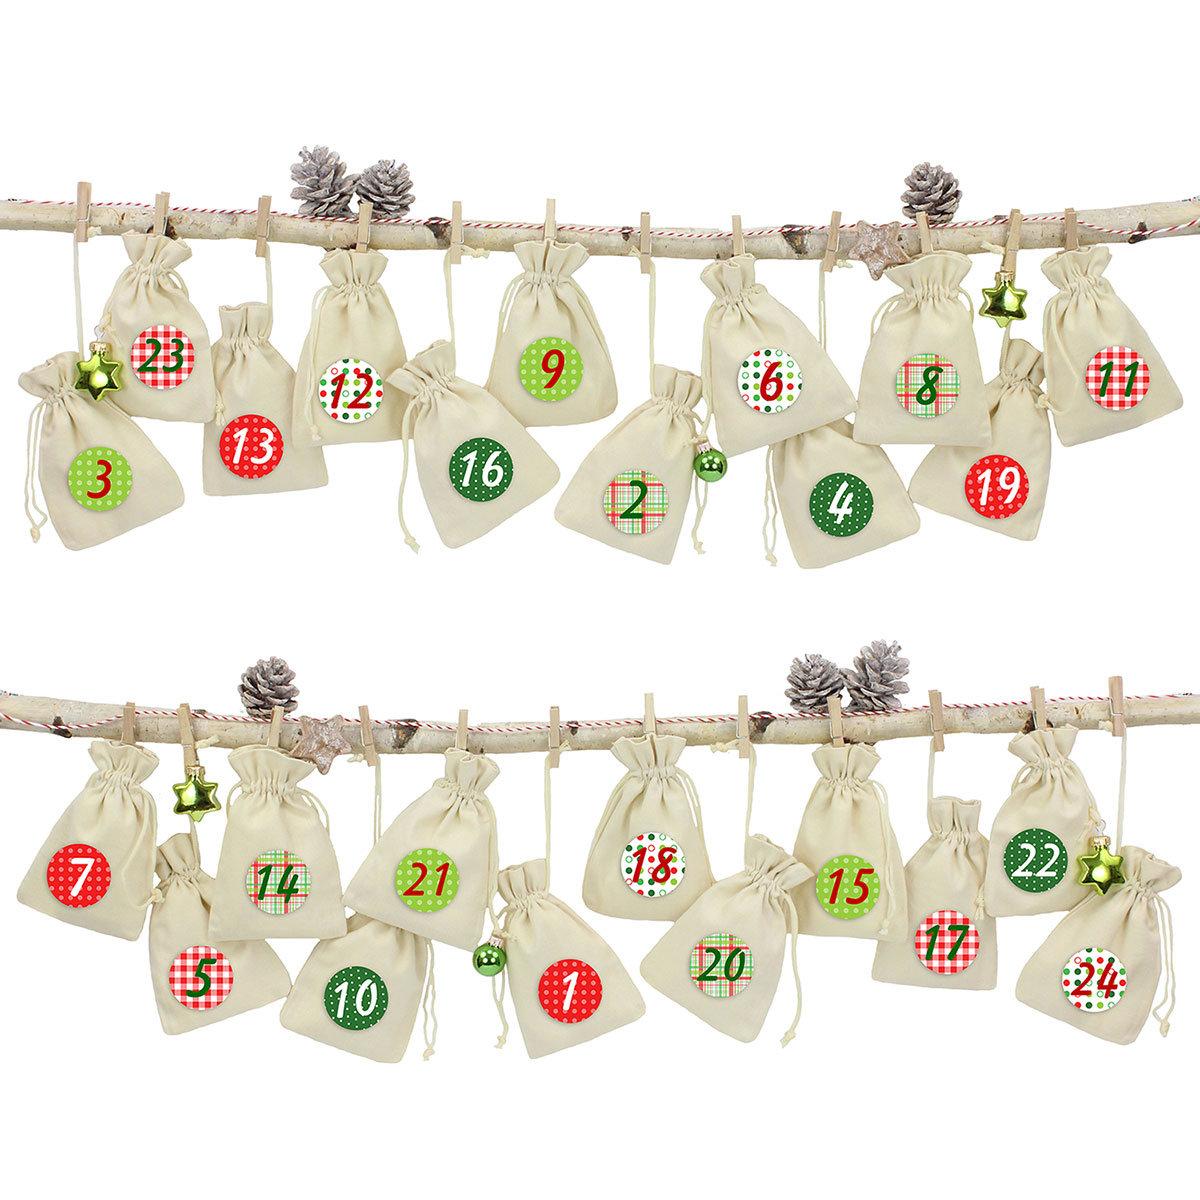 24 adventskalender stoffs ckchen zum aufh ngen leinen rot papierdrachen. Black Bedroom Furniture Sets. Home Design Ideas